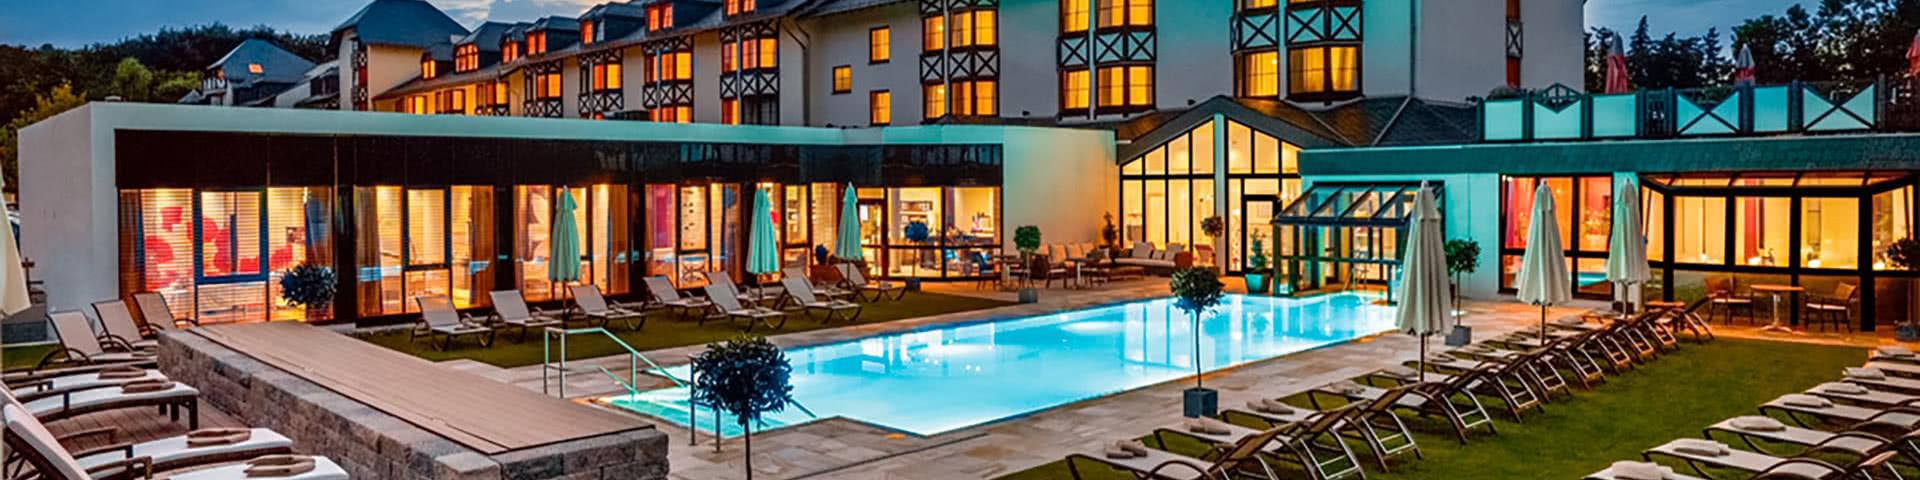 Außenansicht mit Pool vom Land & Golf Hotel Stromberg bei Dämmerung